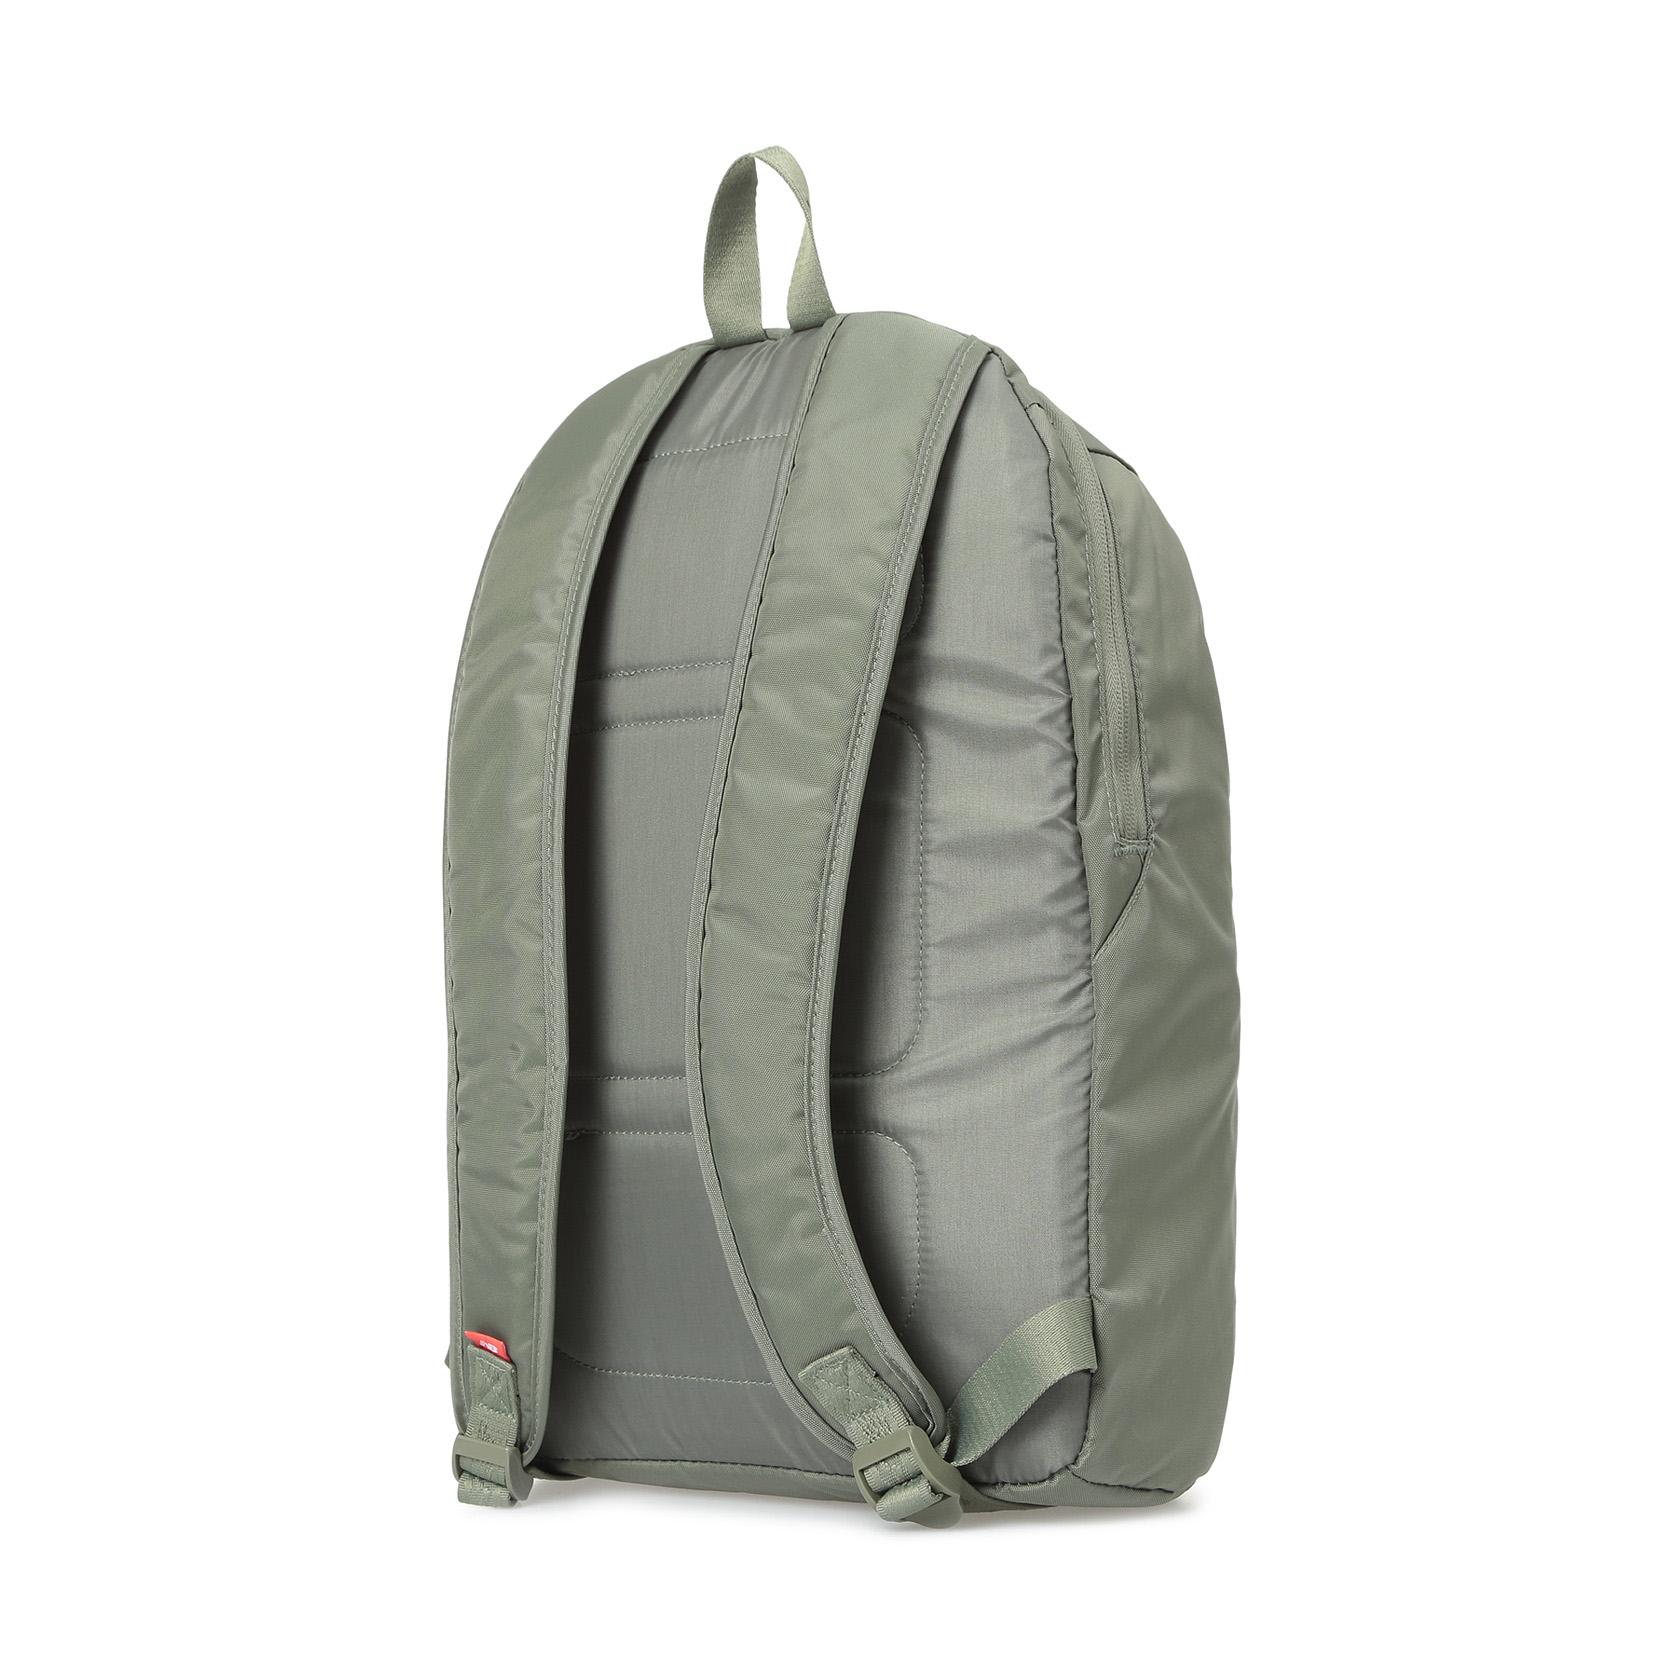 Рюкзак LSA City Backpack LAB91038MGN | New Balance